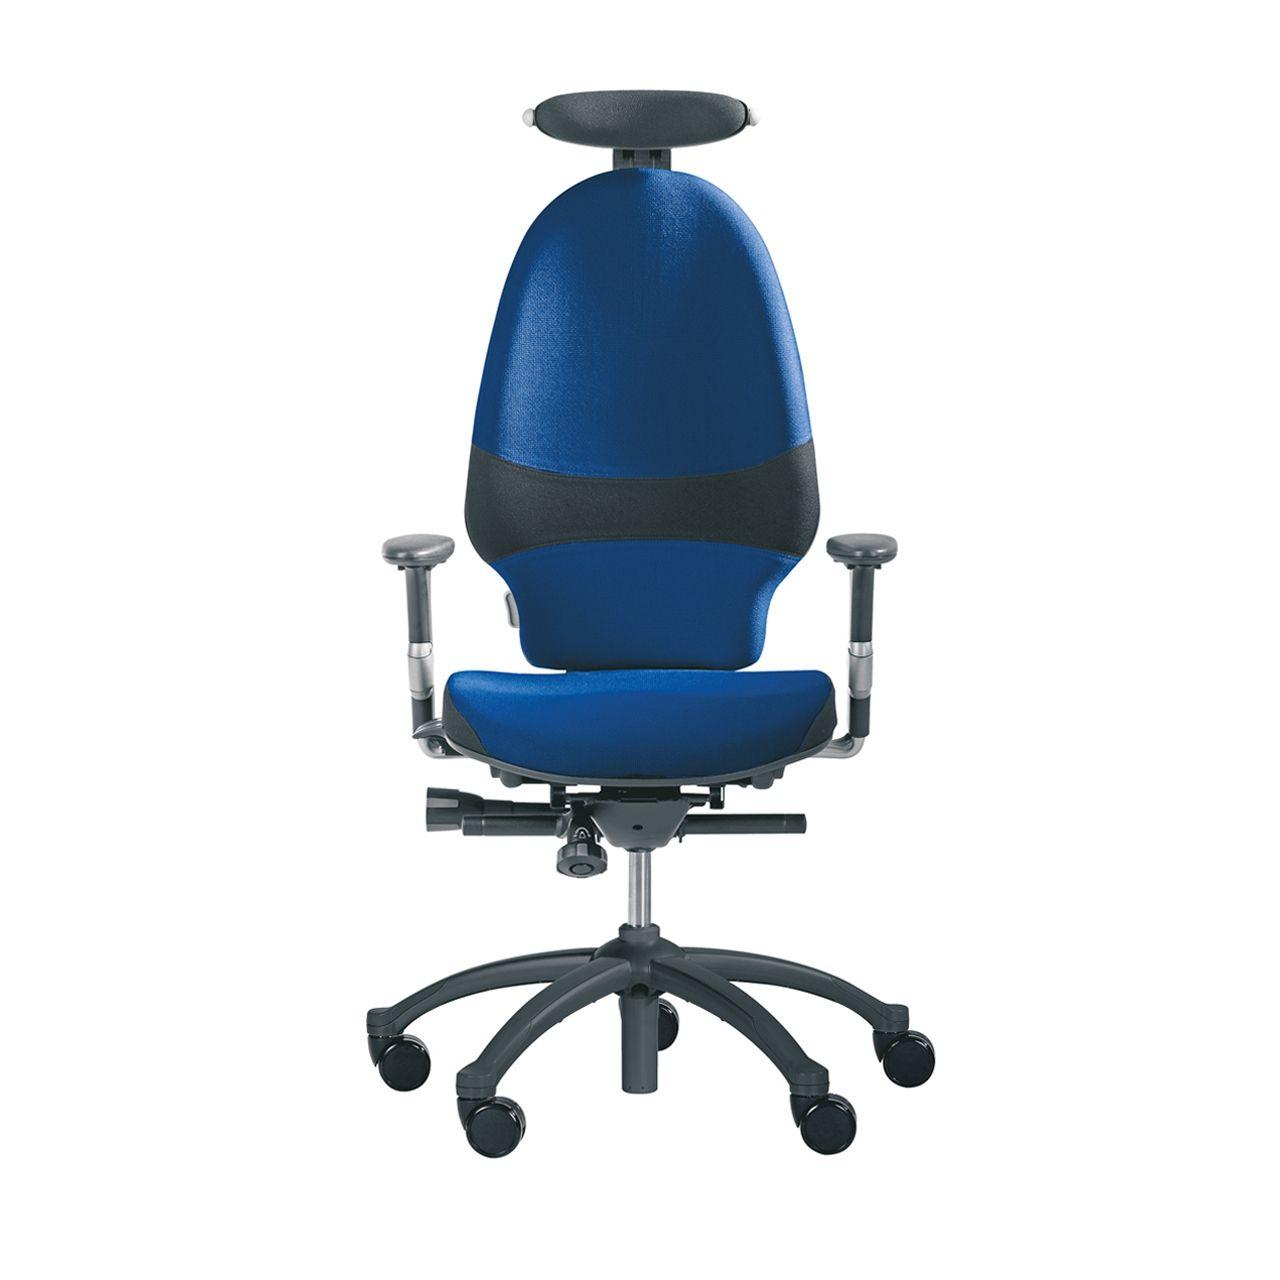 rh exrh extend large 220 bureaustoel STKAEXT203 Blauw Voorkant met neksteun